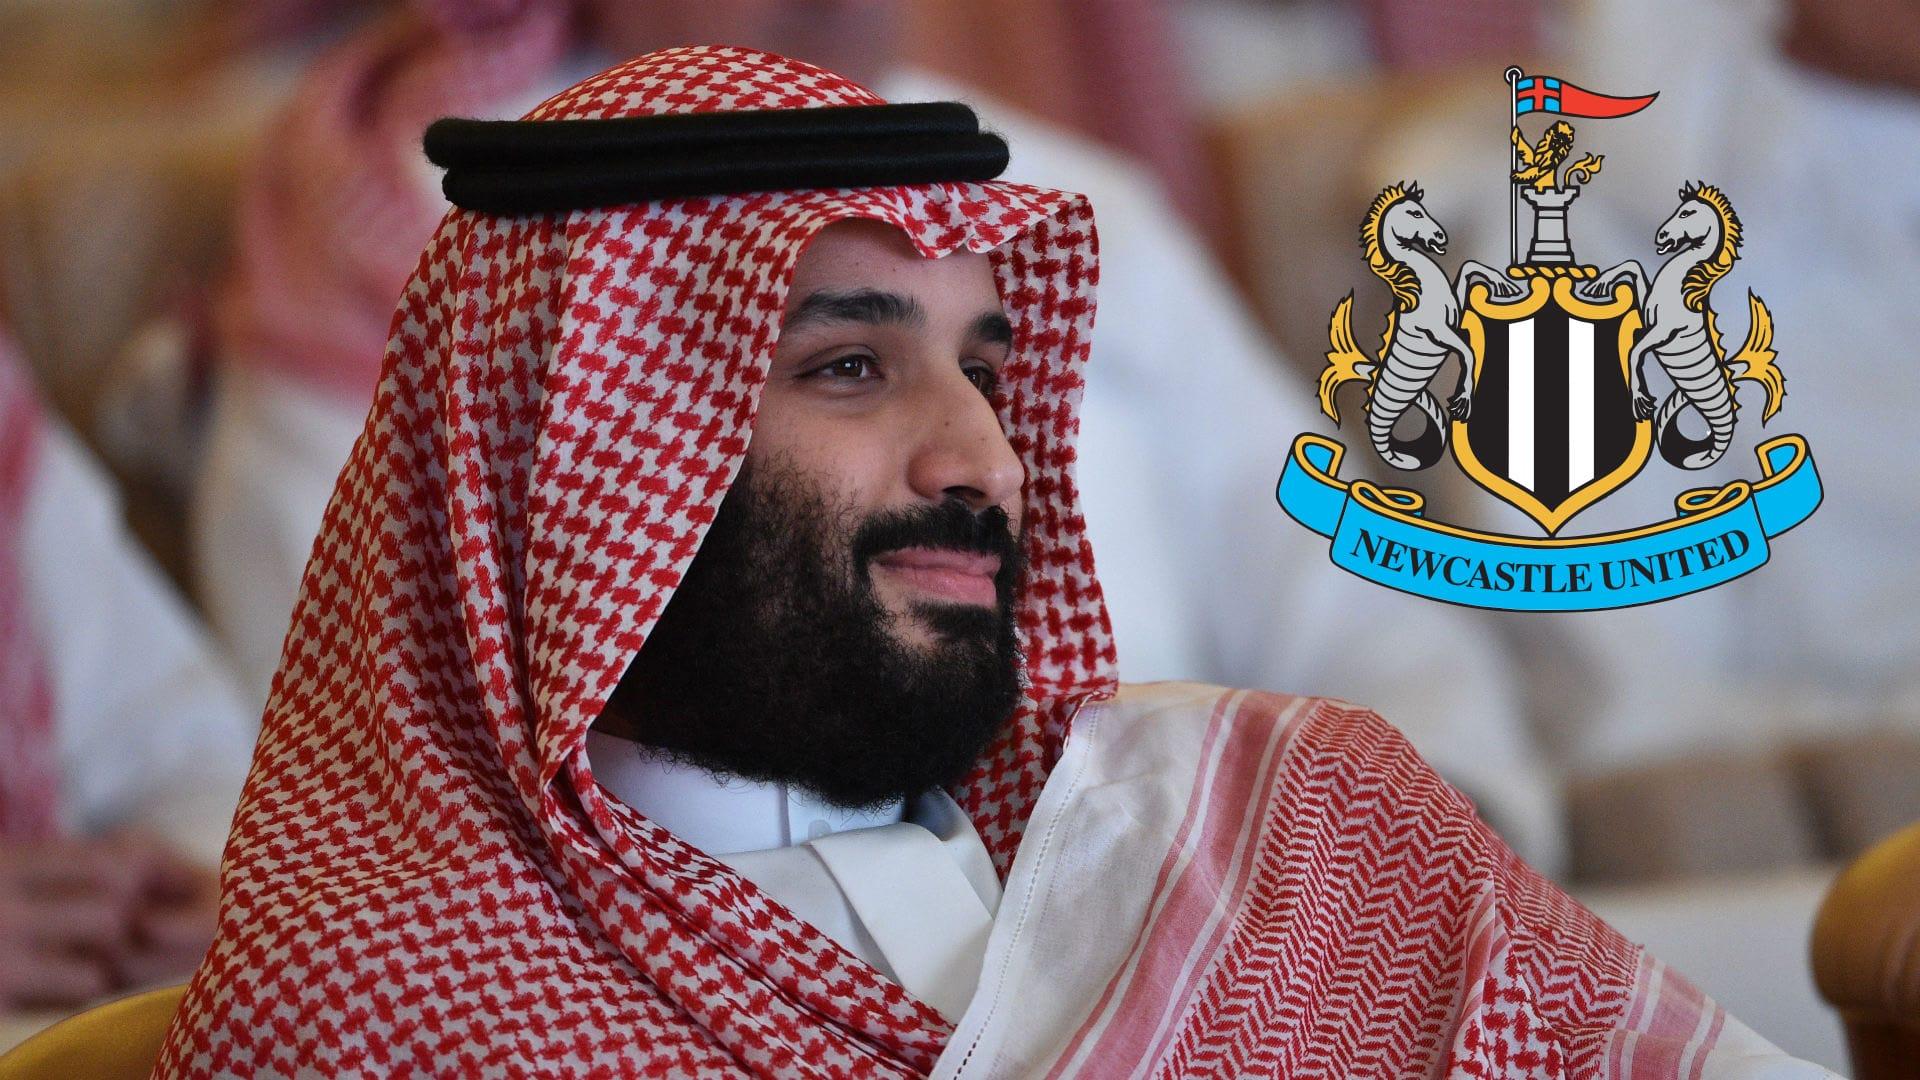 ما حقيقة شراء محمد بن سلمان لنادي نيوكاسل يونايتد وطلب الحكومة البريطانية بالتدخل؟!